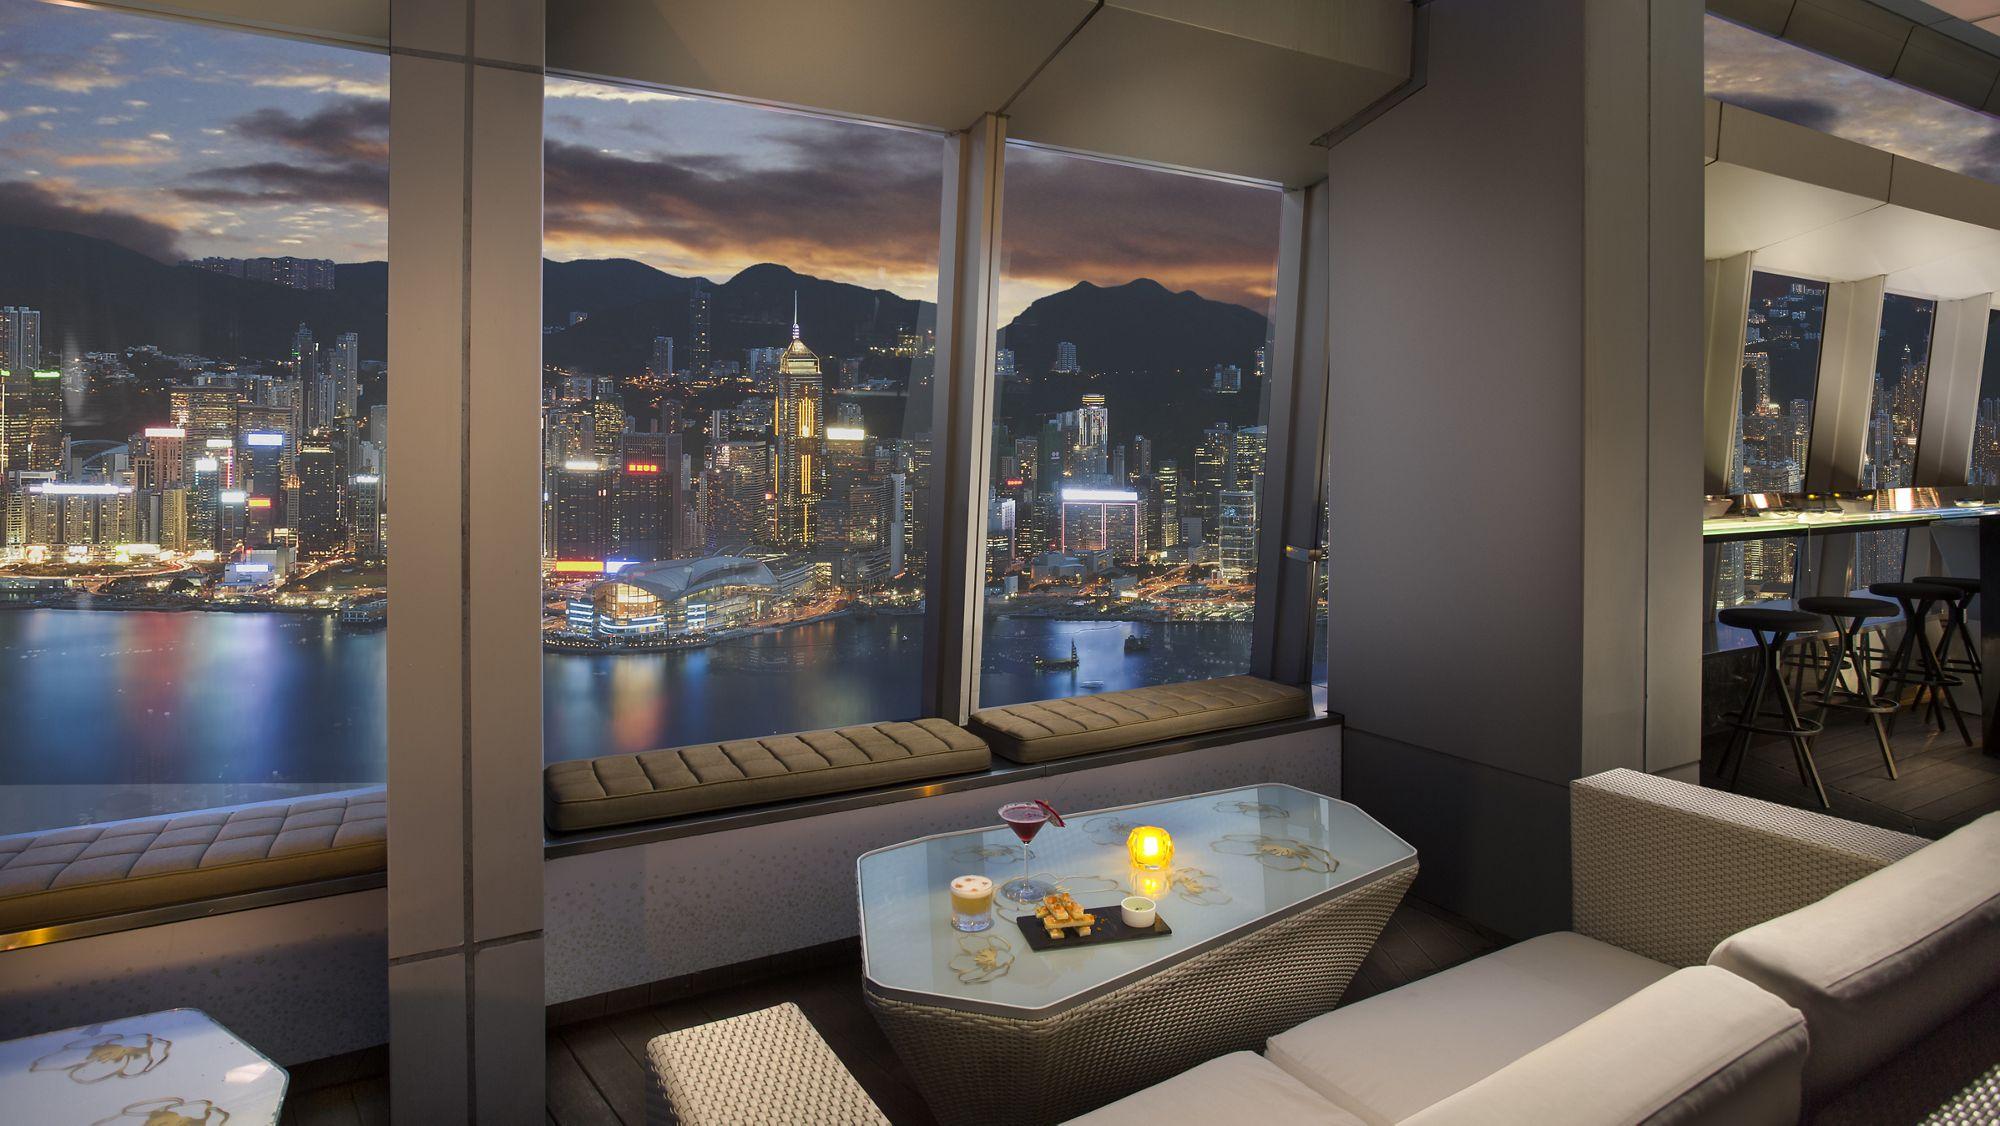 Hong Kong Rooftop Bars & Sky Bars | OZONE